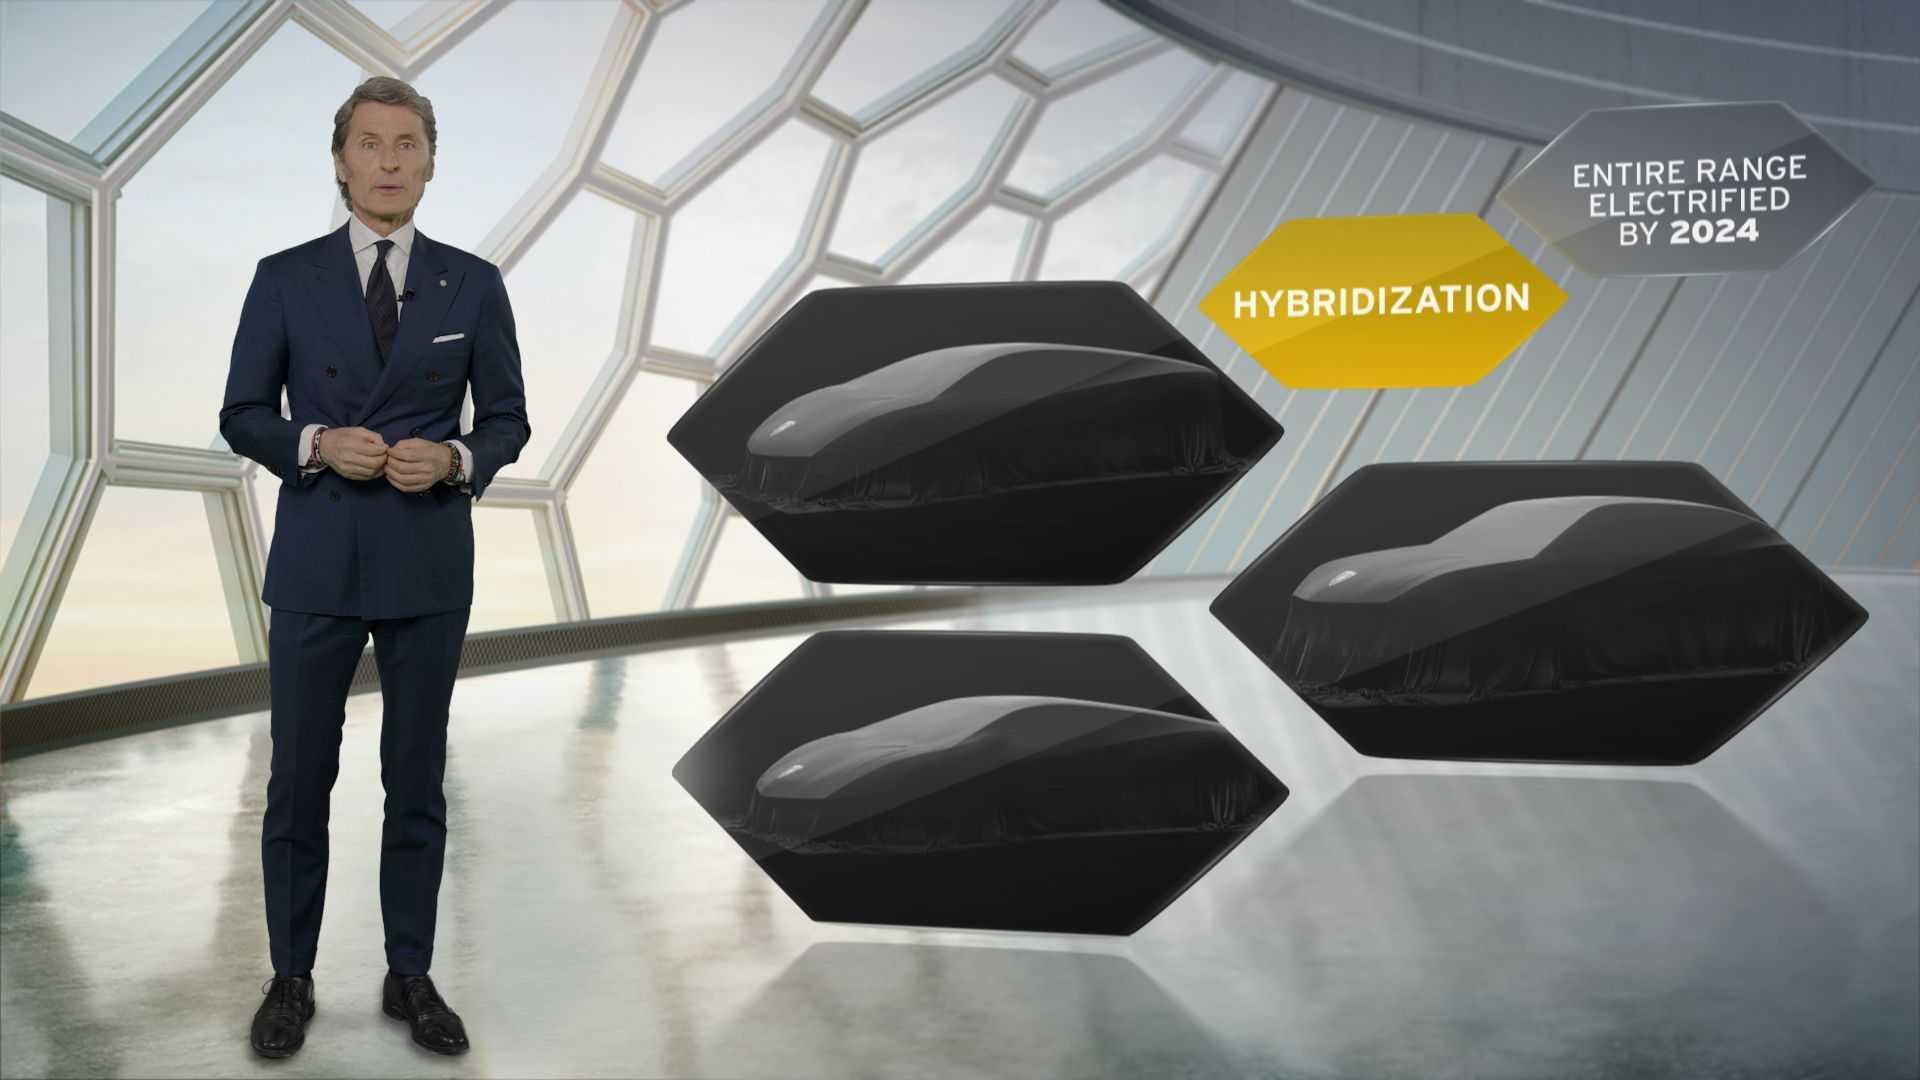 Оголошення Lamborghini про гібридизацію всіх своїх моделей